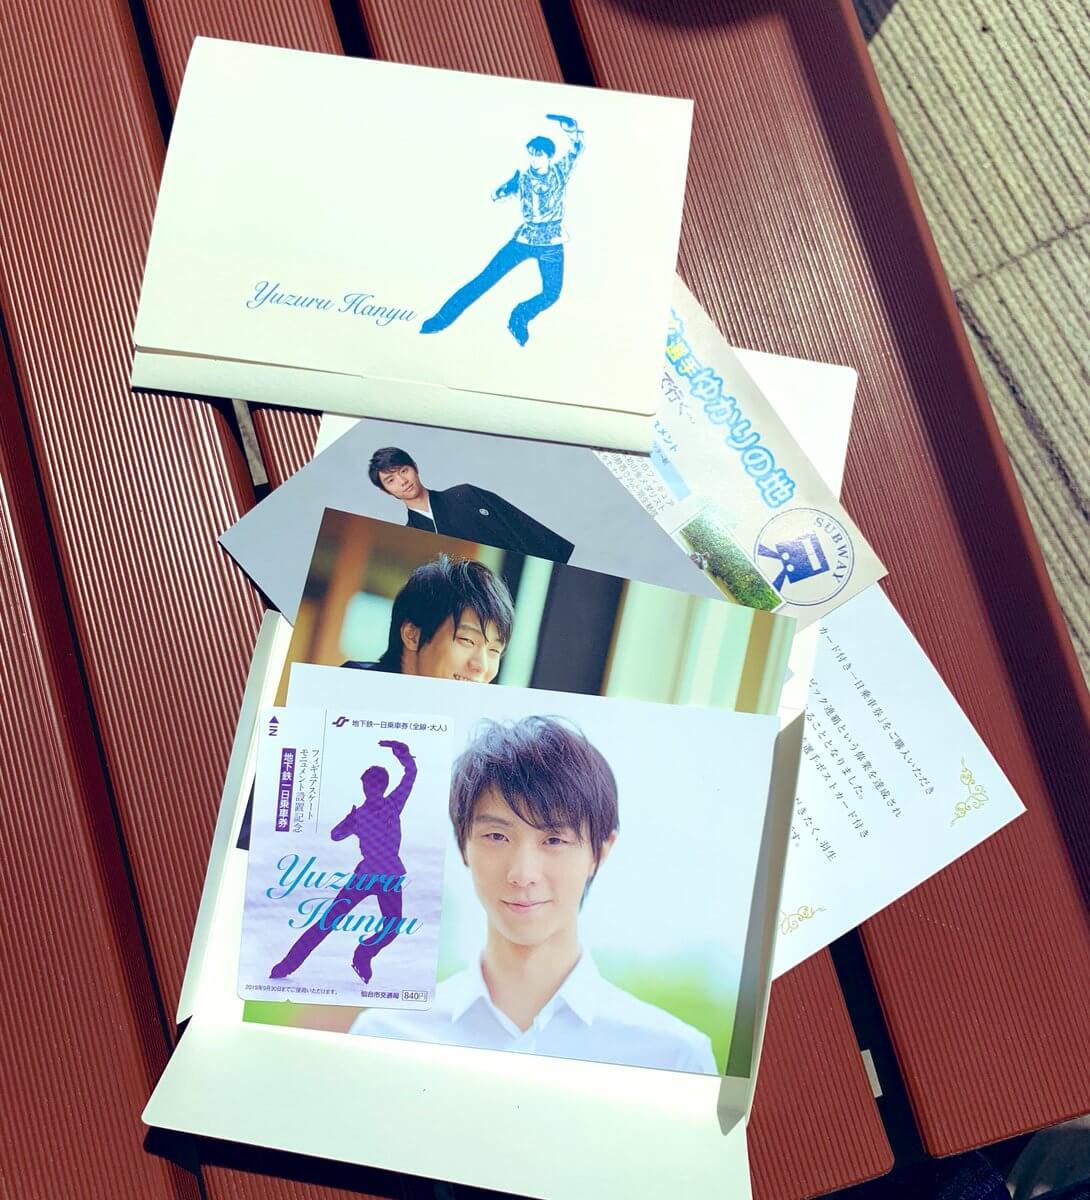 【羽生選手記念乗車券販売情報】ポストカードも神だ・・・!